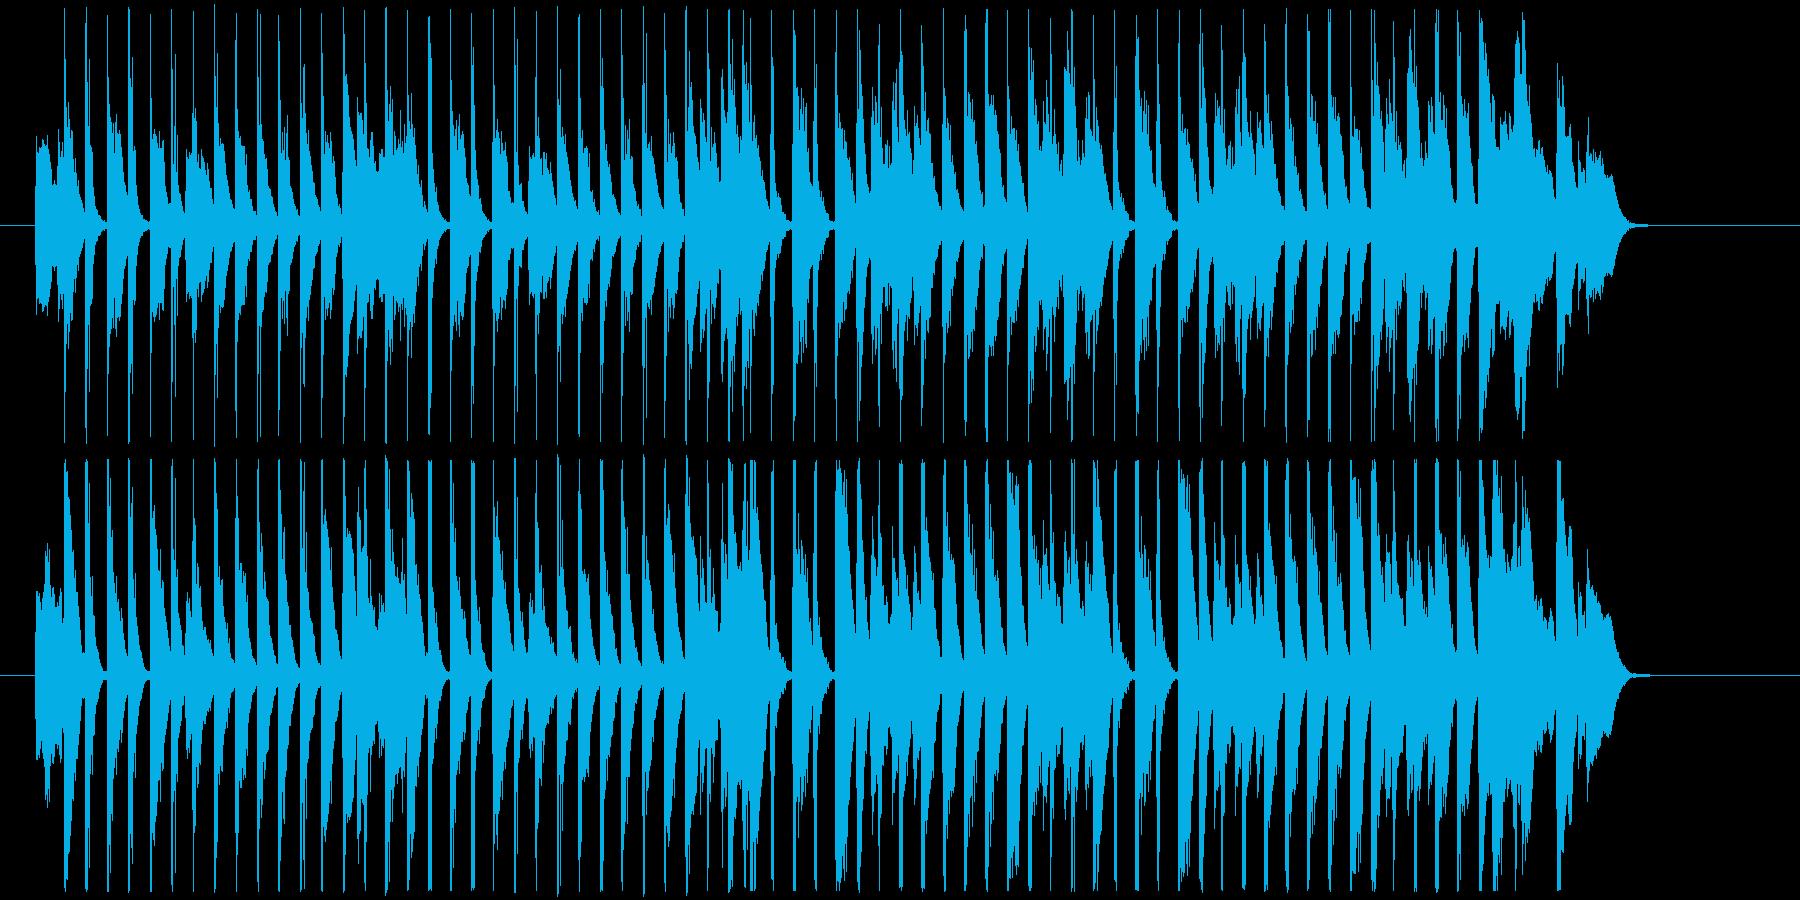 30秒犬猫 レトロ お酒料理CM B34の再生済みの波形